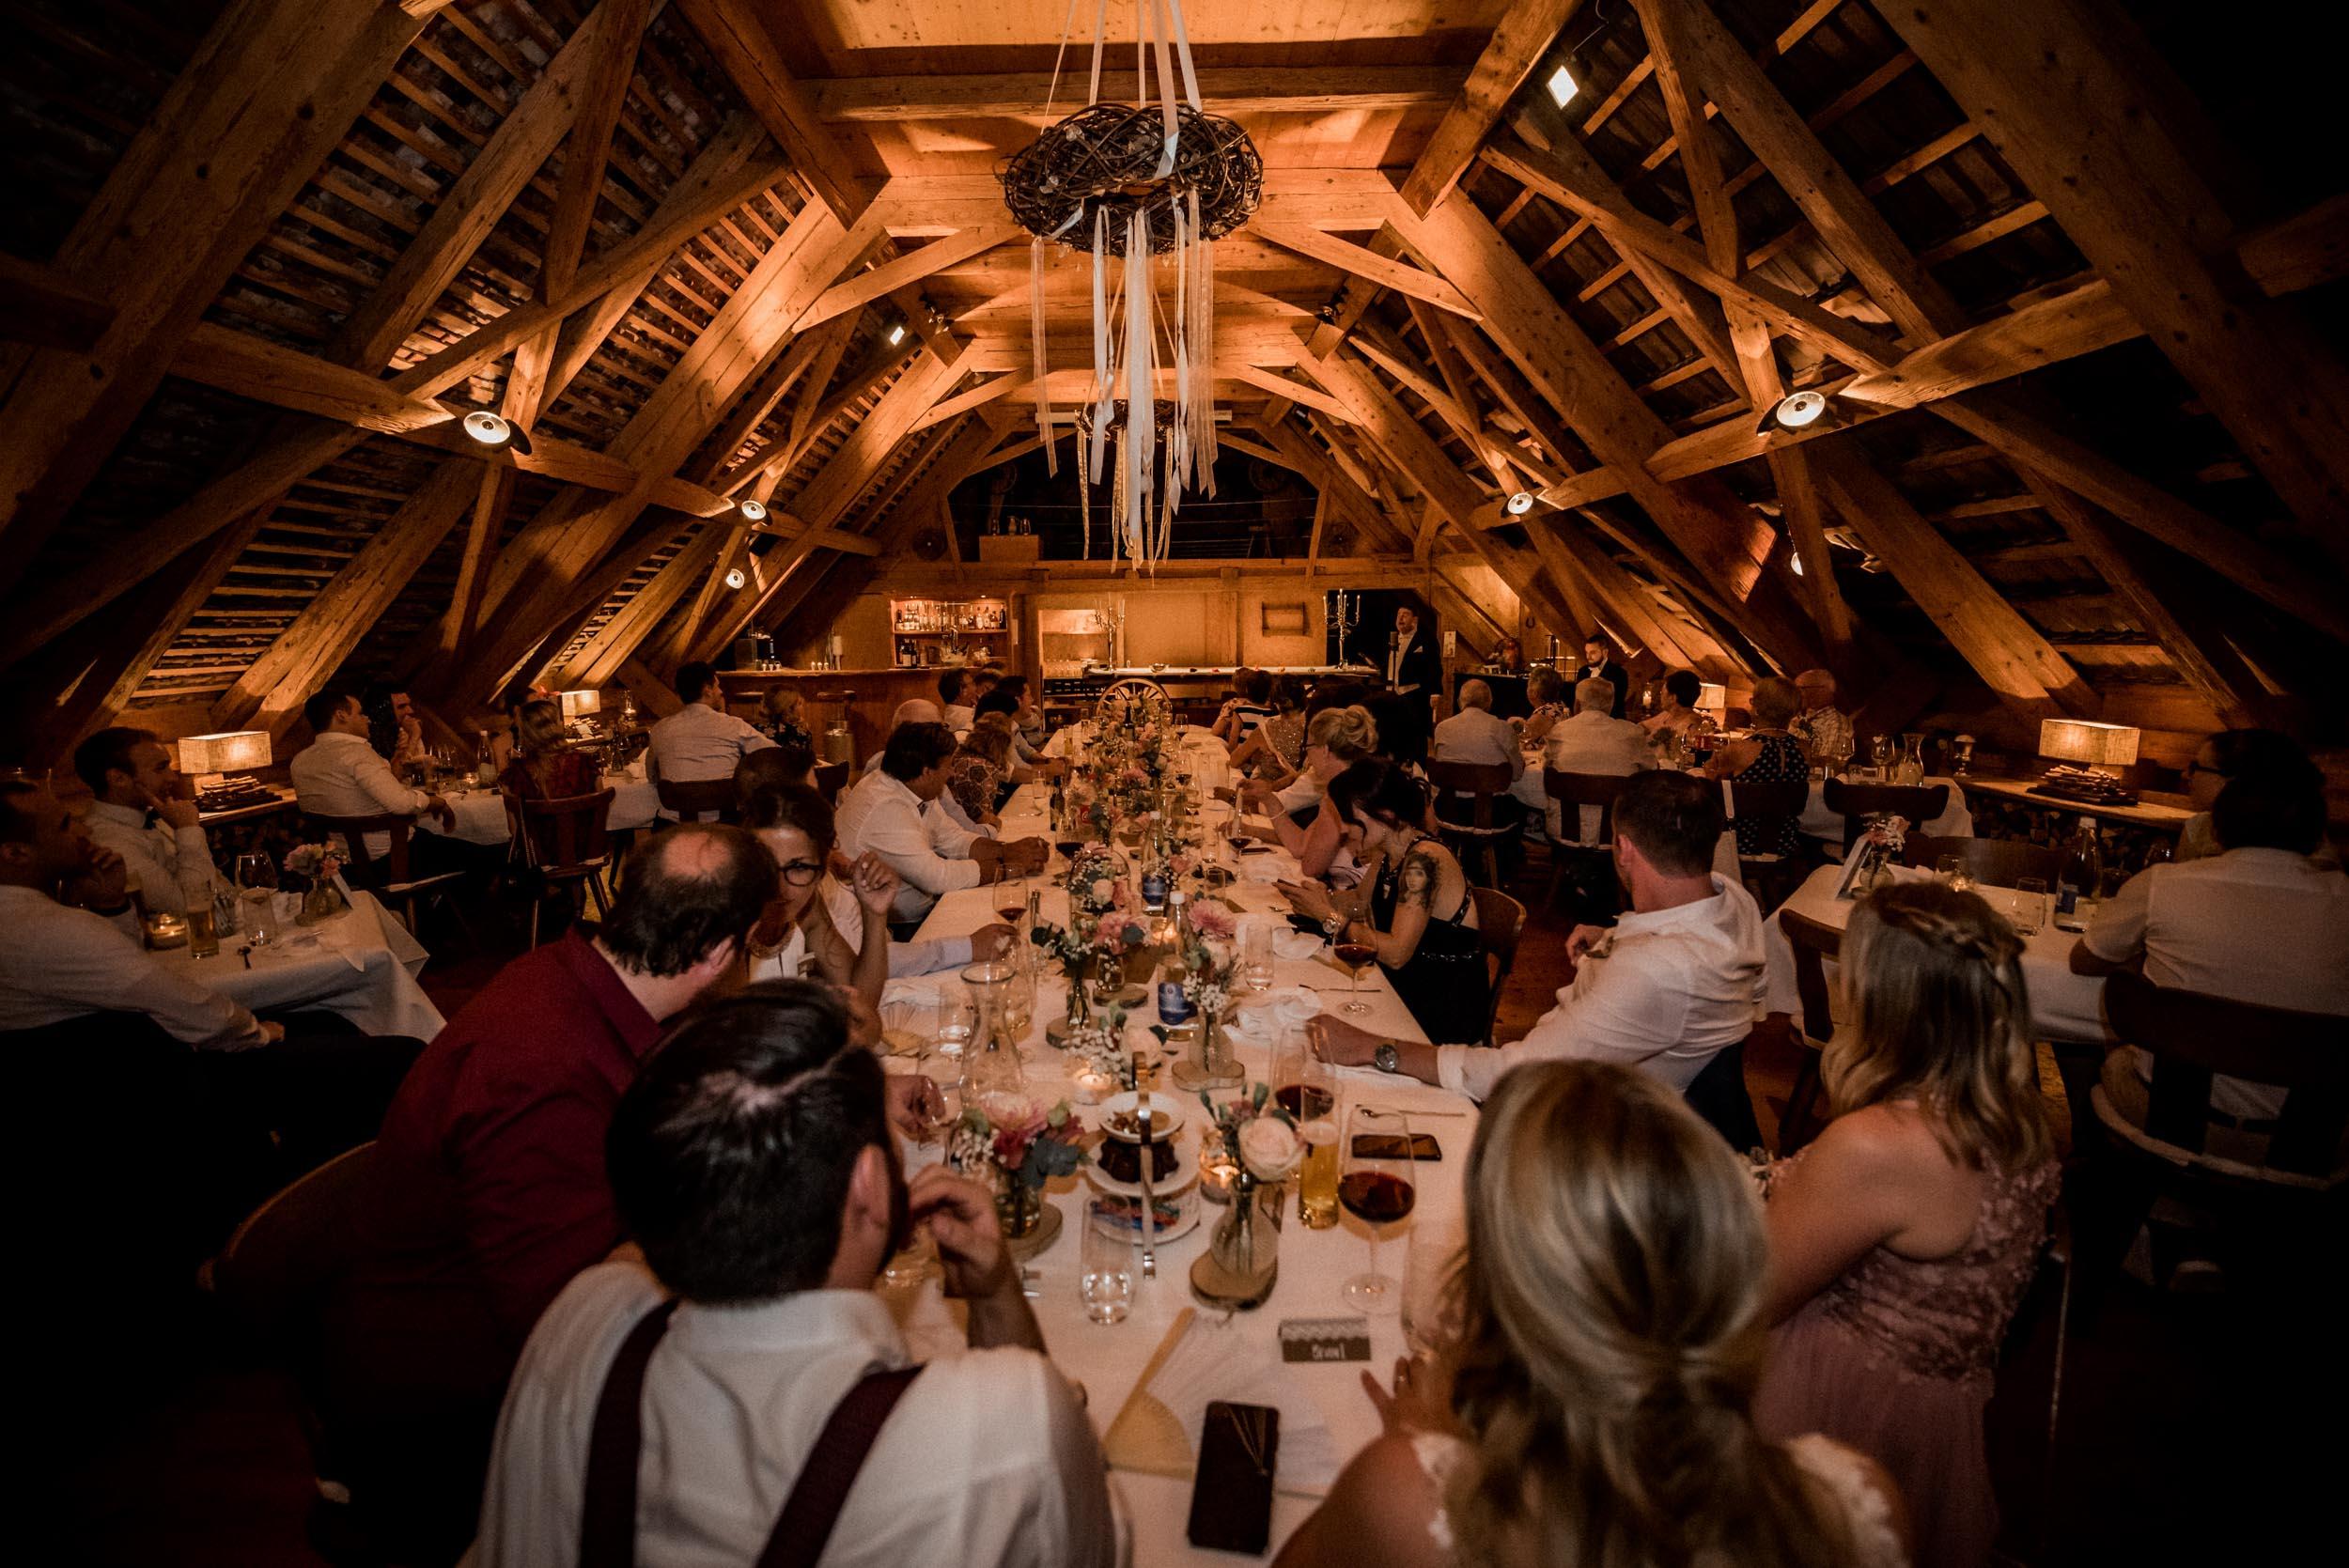 Hochzeitsreportage_Luzern_2019_27.jpg